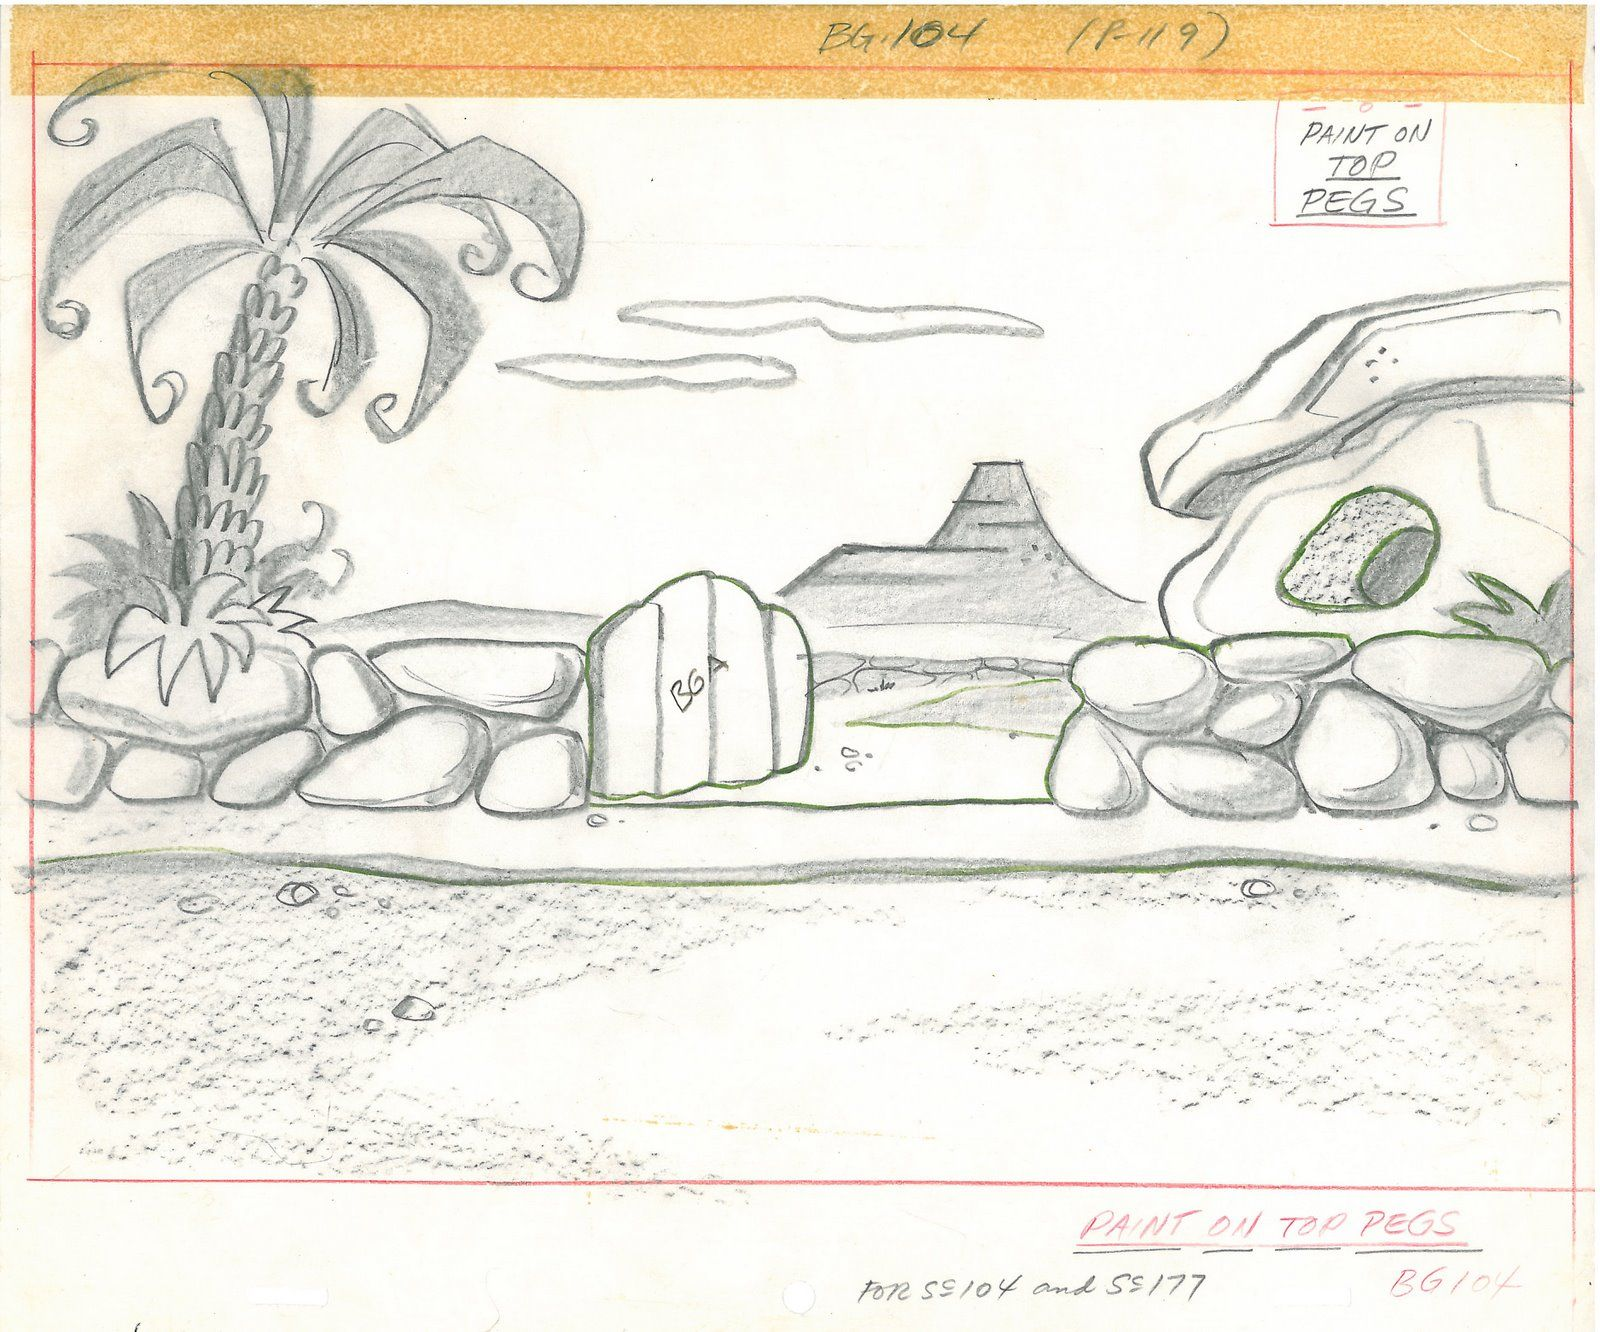 Flintstones Background